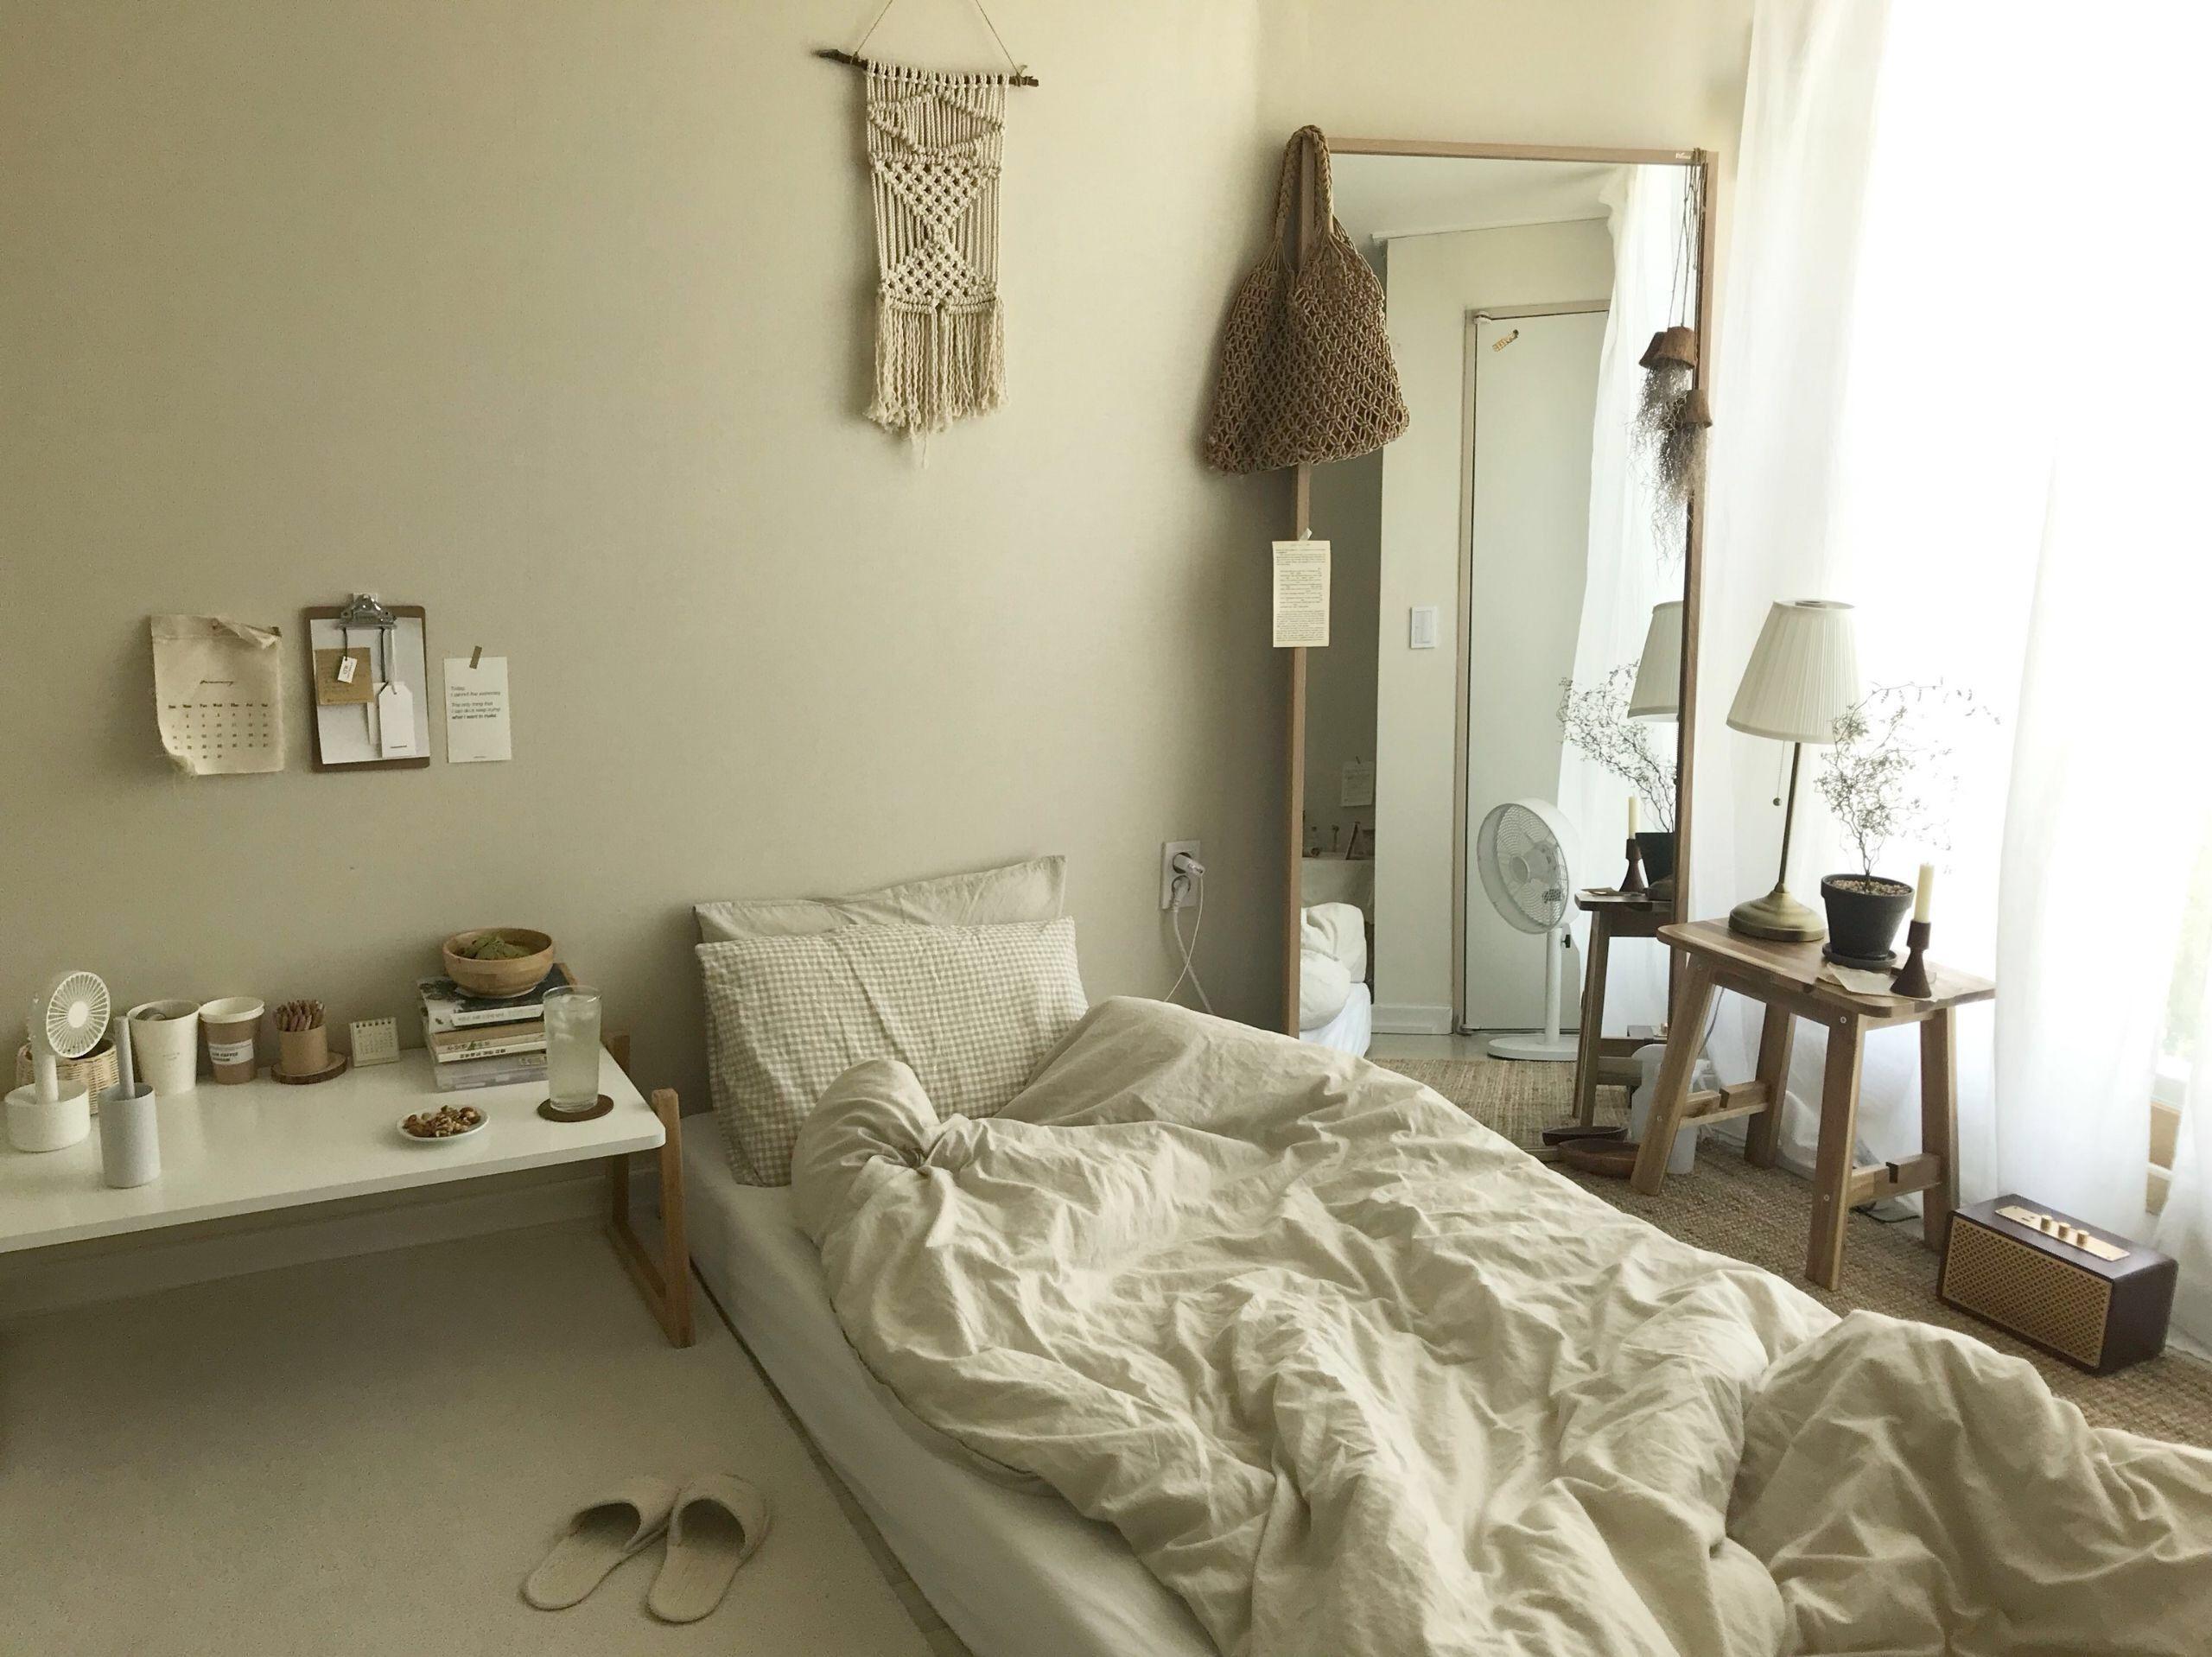 ・゚ً 🍌—jEONKXB ˎˊ˗ ♡彡 ꒱ | Aesthetic bedroom, Minimalist ...